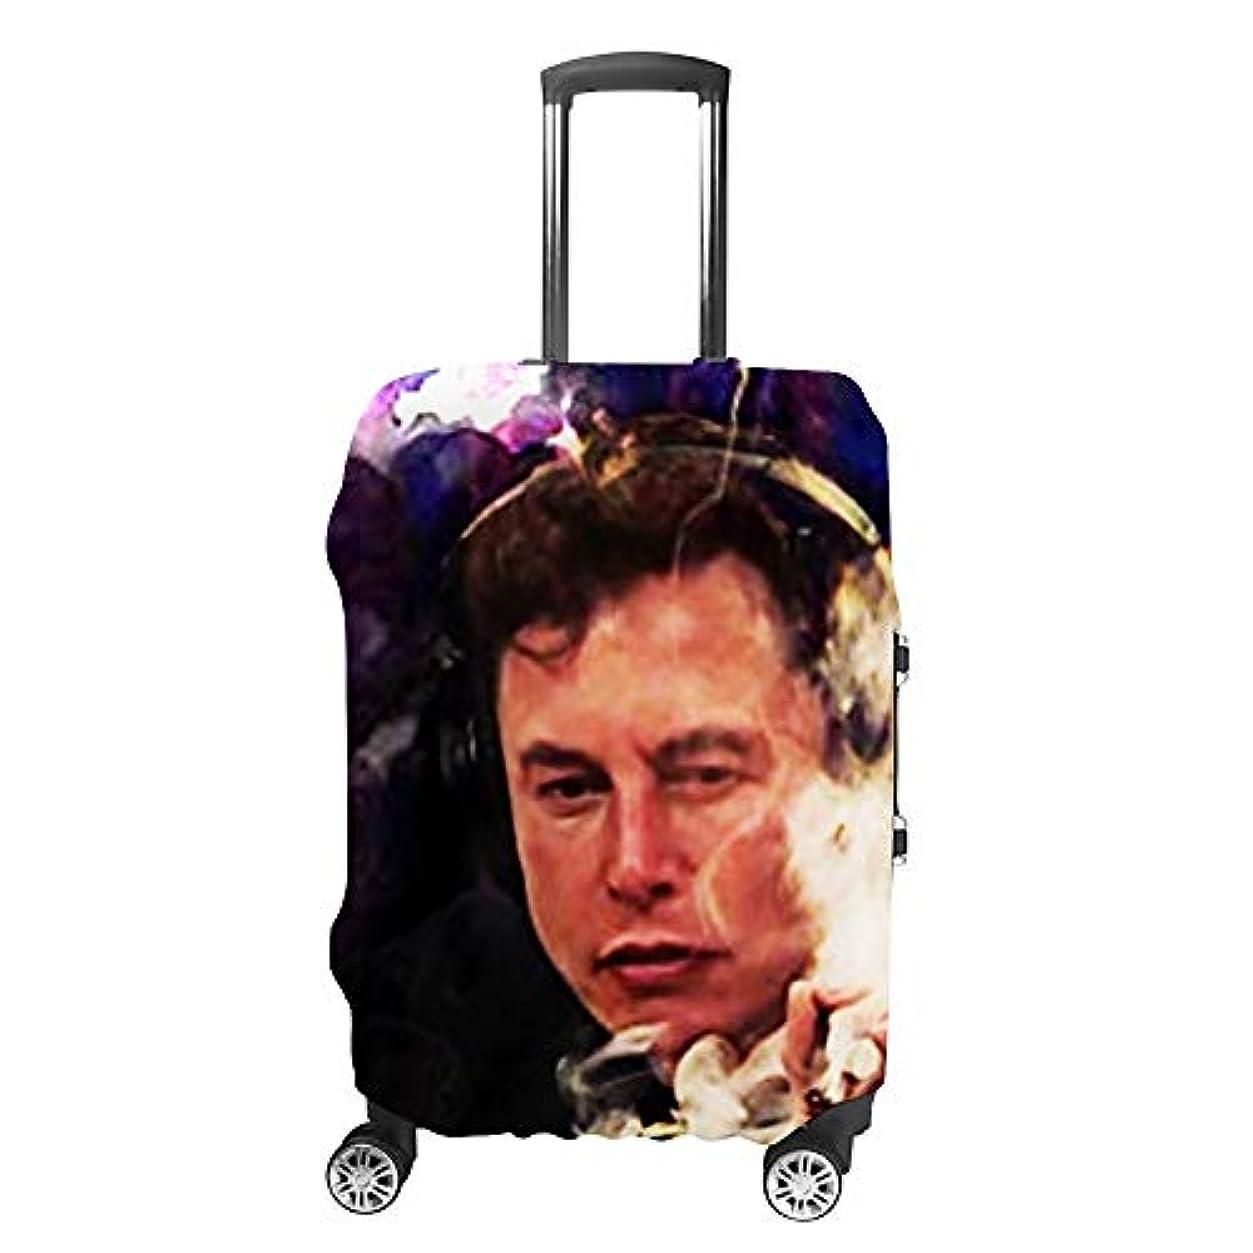 クラシックアフリカ人ダルセットElon Musk ファッション旅行荷物カバースーツケース荷物プロテクター旅行カバー男性用女性用